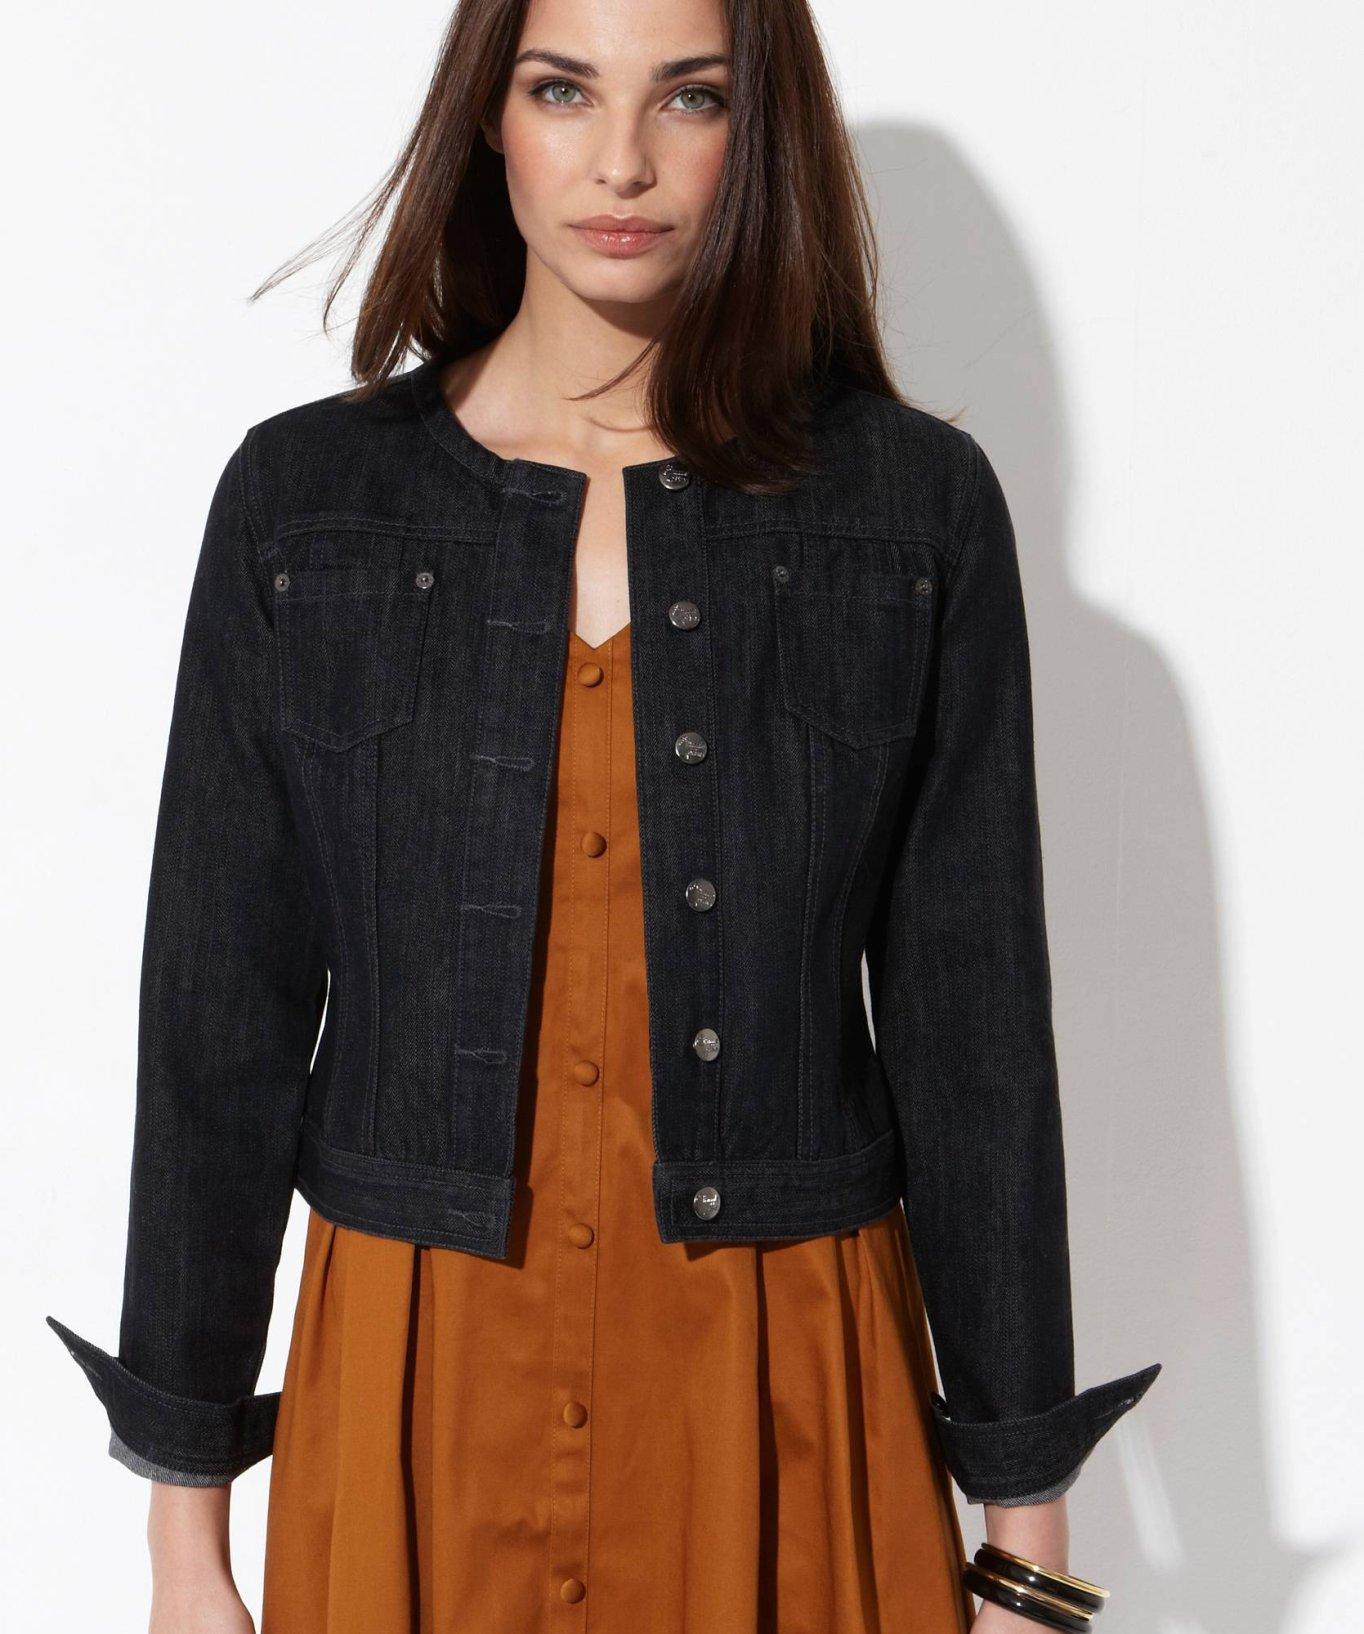 Veste en jean noire femme levis